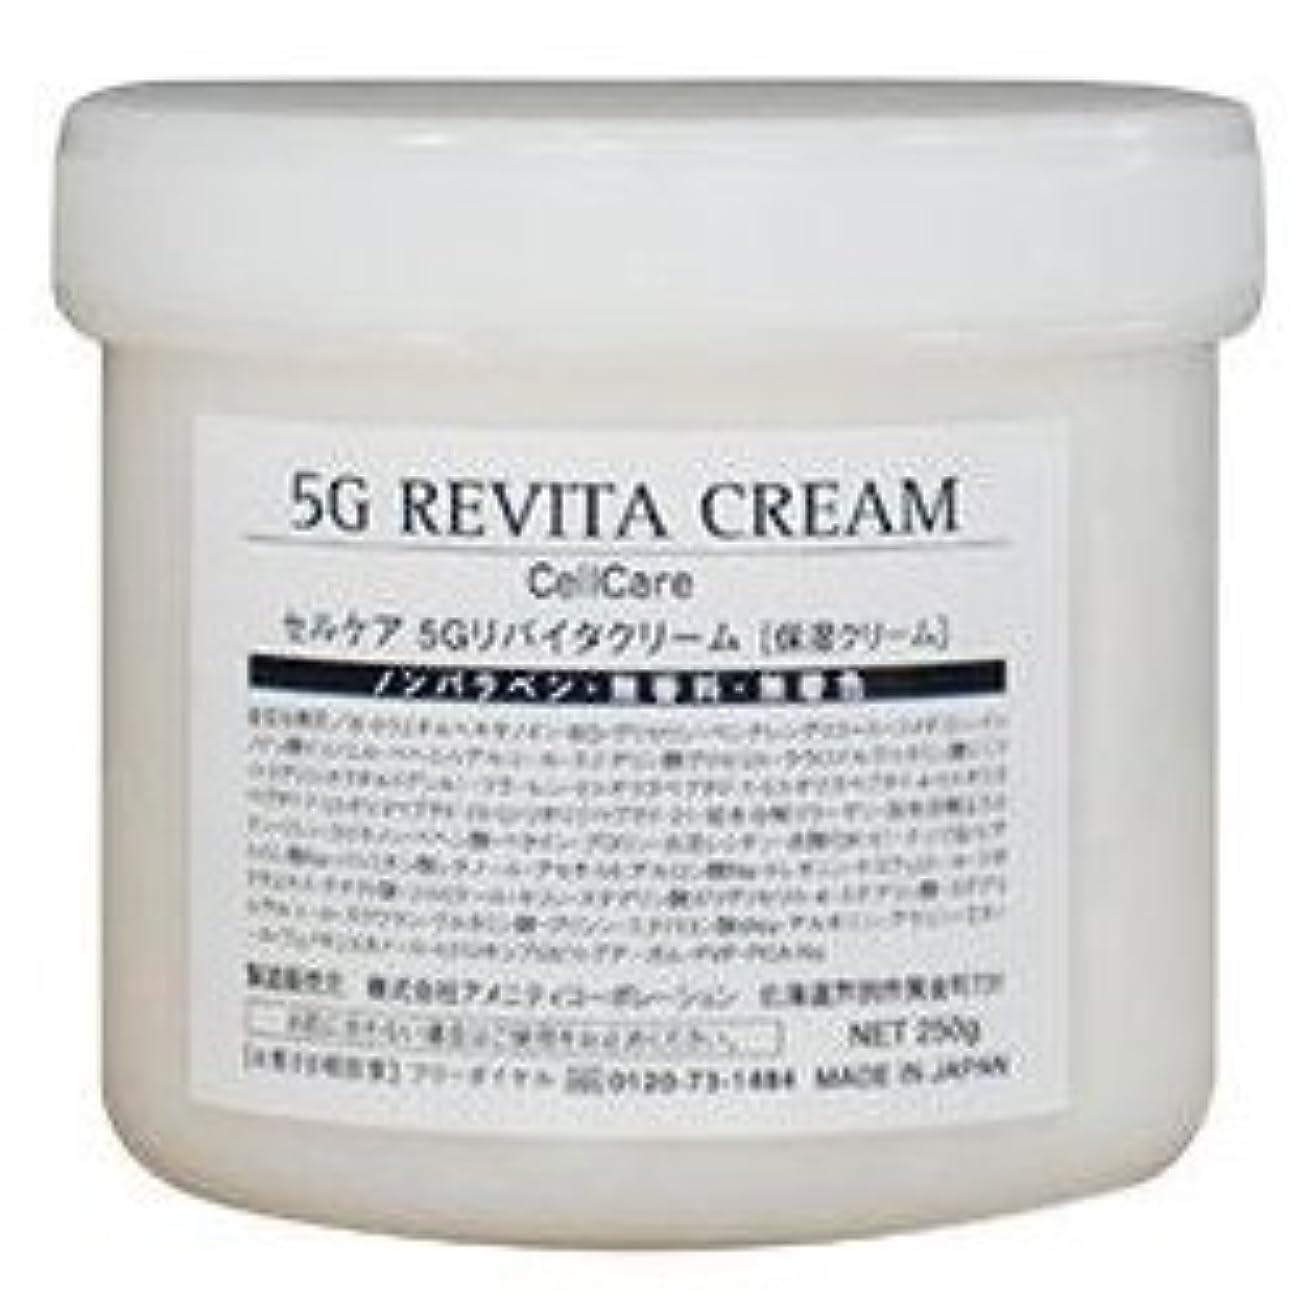 番目の間でチチカカ湖セルケアGF プレミアム 5Gリバイタルクリーム 保湿クリーム お徳用250g